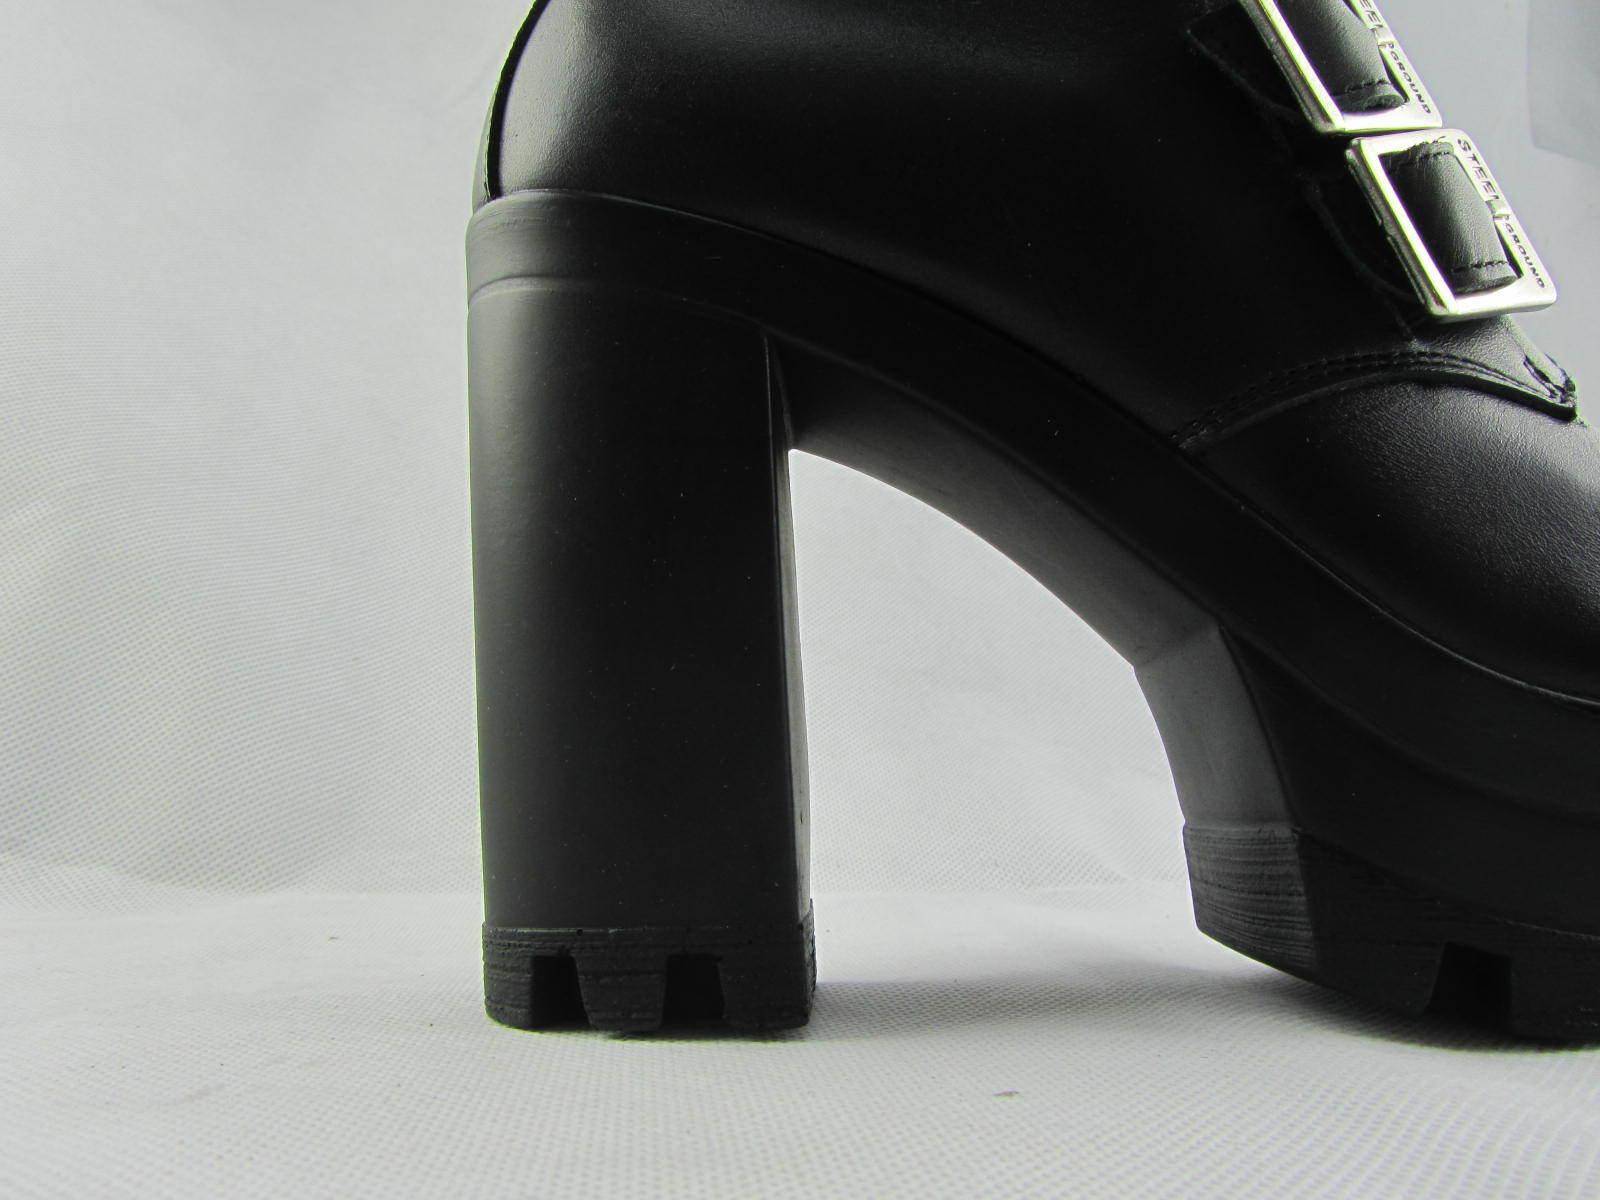 Tierra De Acero Nuevo Plataforma Negro Cuero Damas Plataforma Nuevo Botas al Tobillo Bloque Talón Rock Biker 430a28